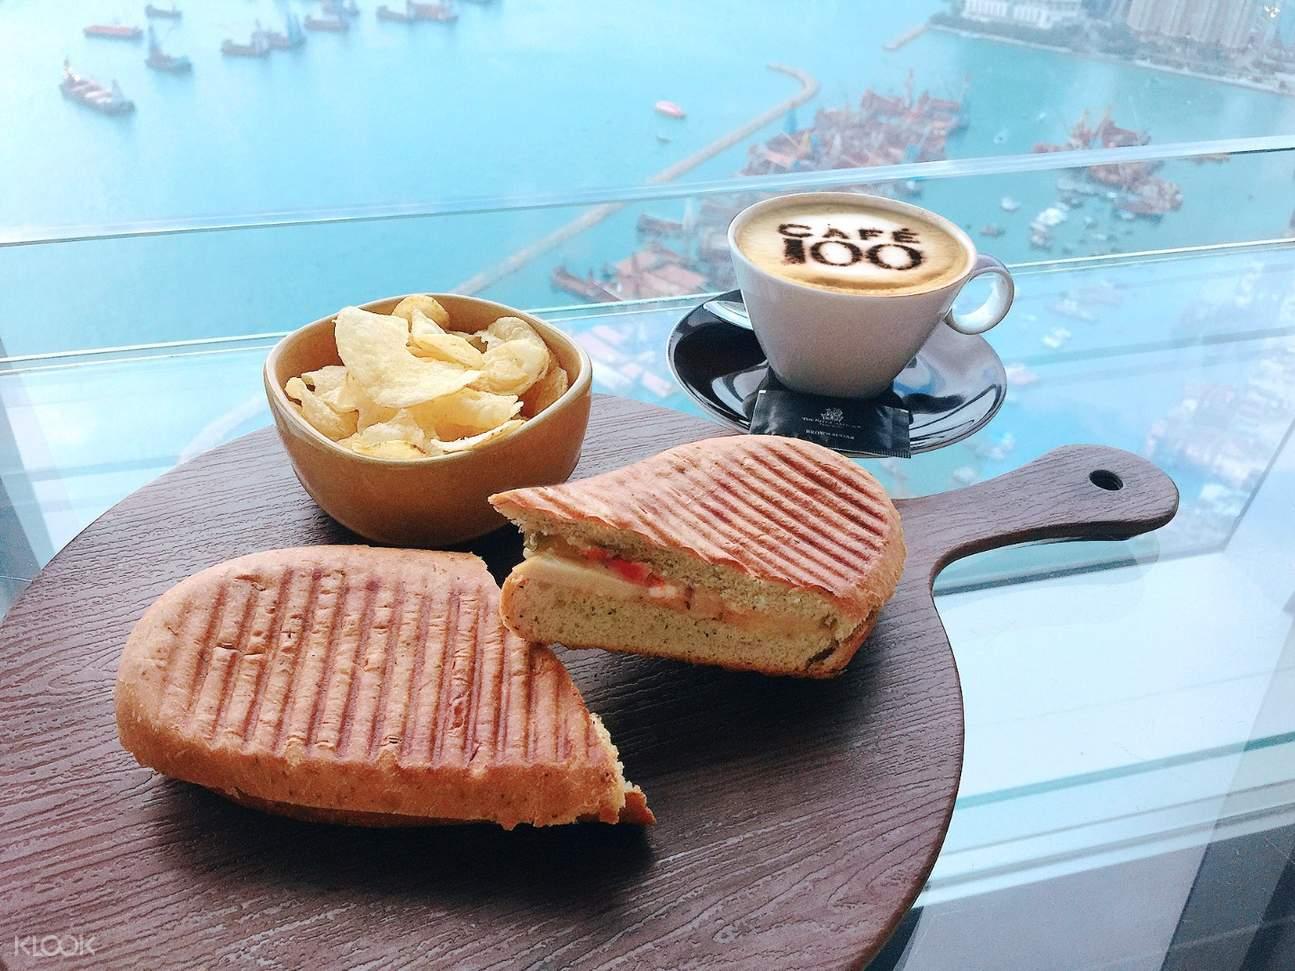 Café 100下午茶